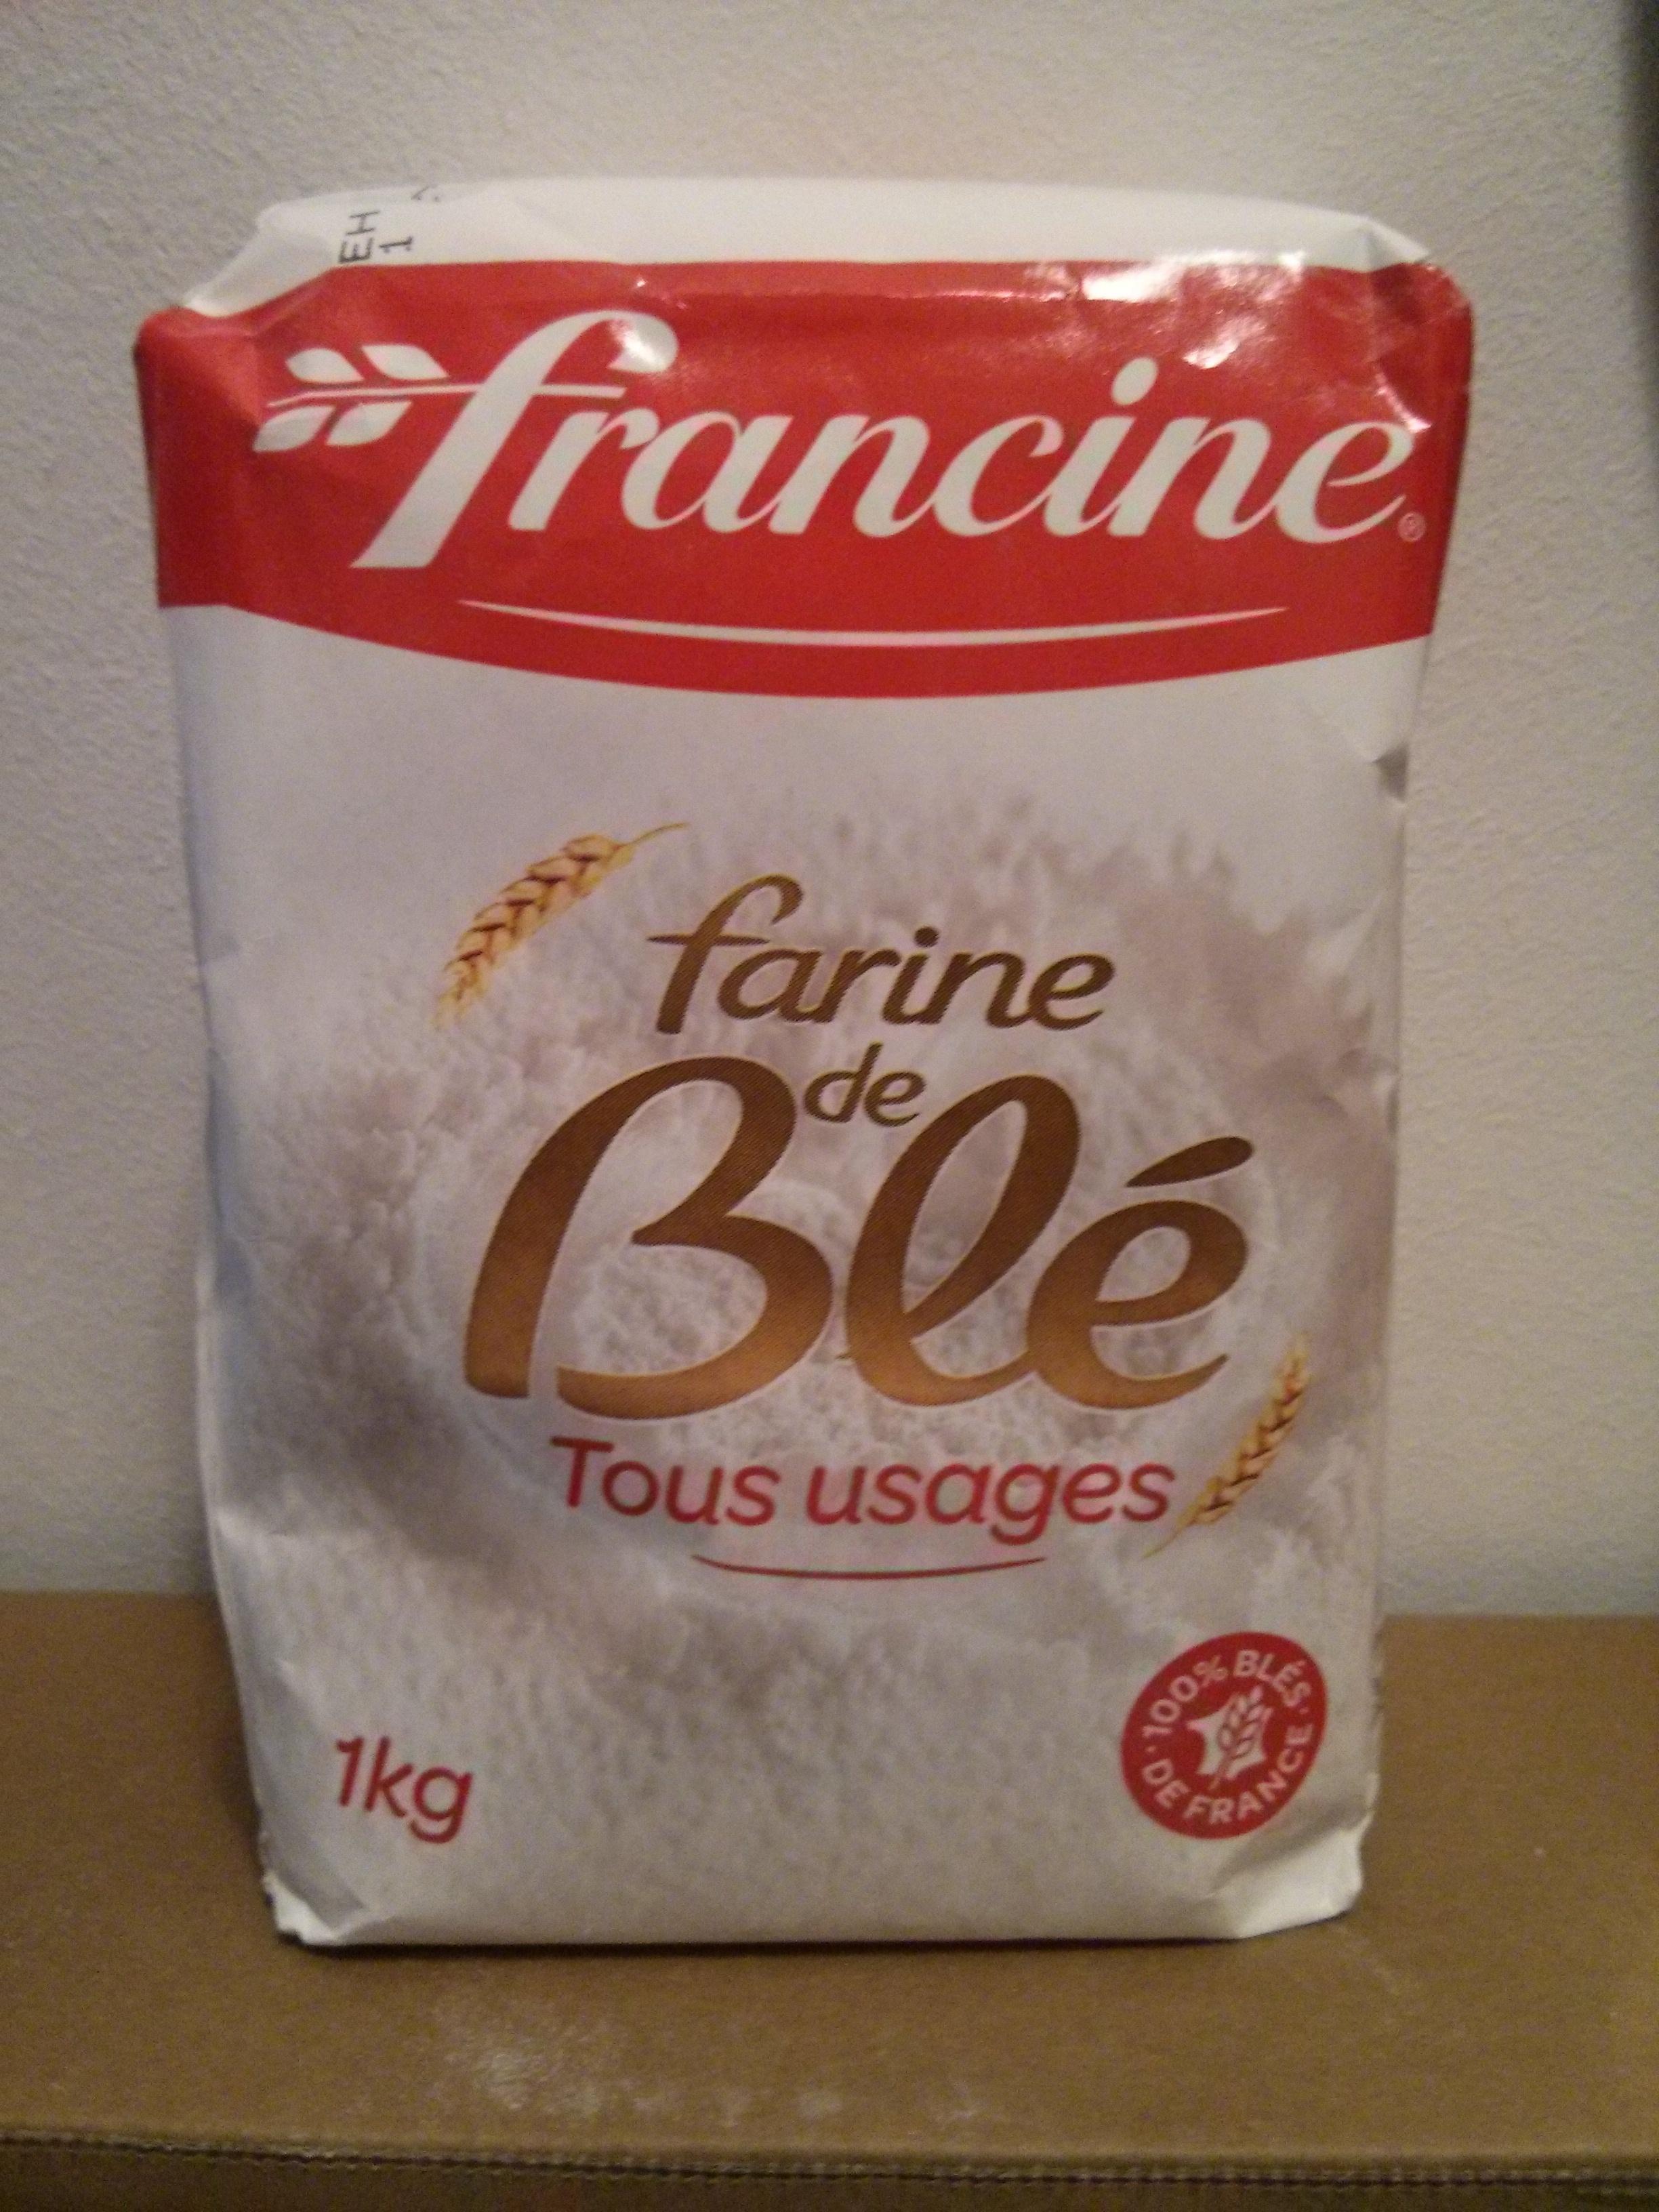 Farine de Blé Tous usages - Product